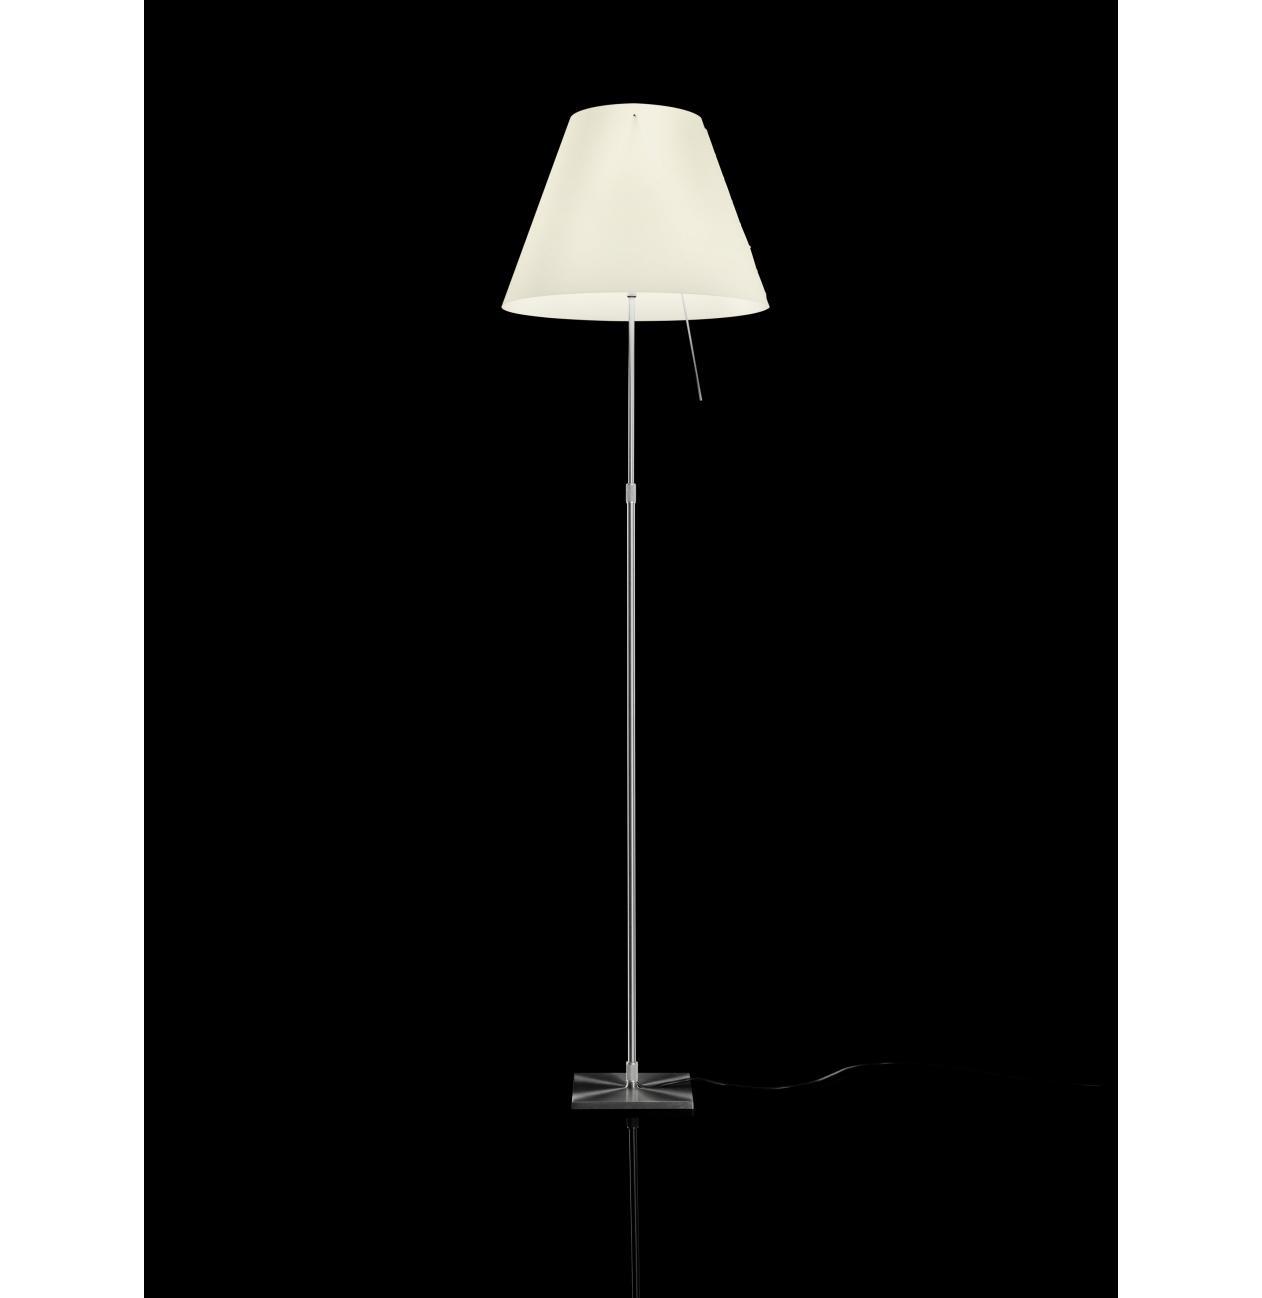 Luceplan vloerlamp costanza zwart versteeg lichtstudio - Costanza vloerlamp ...